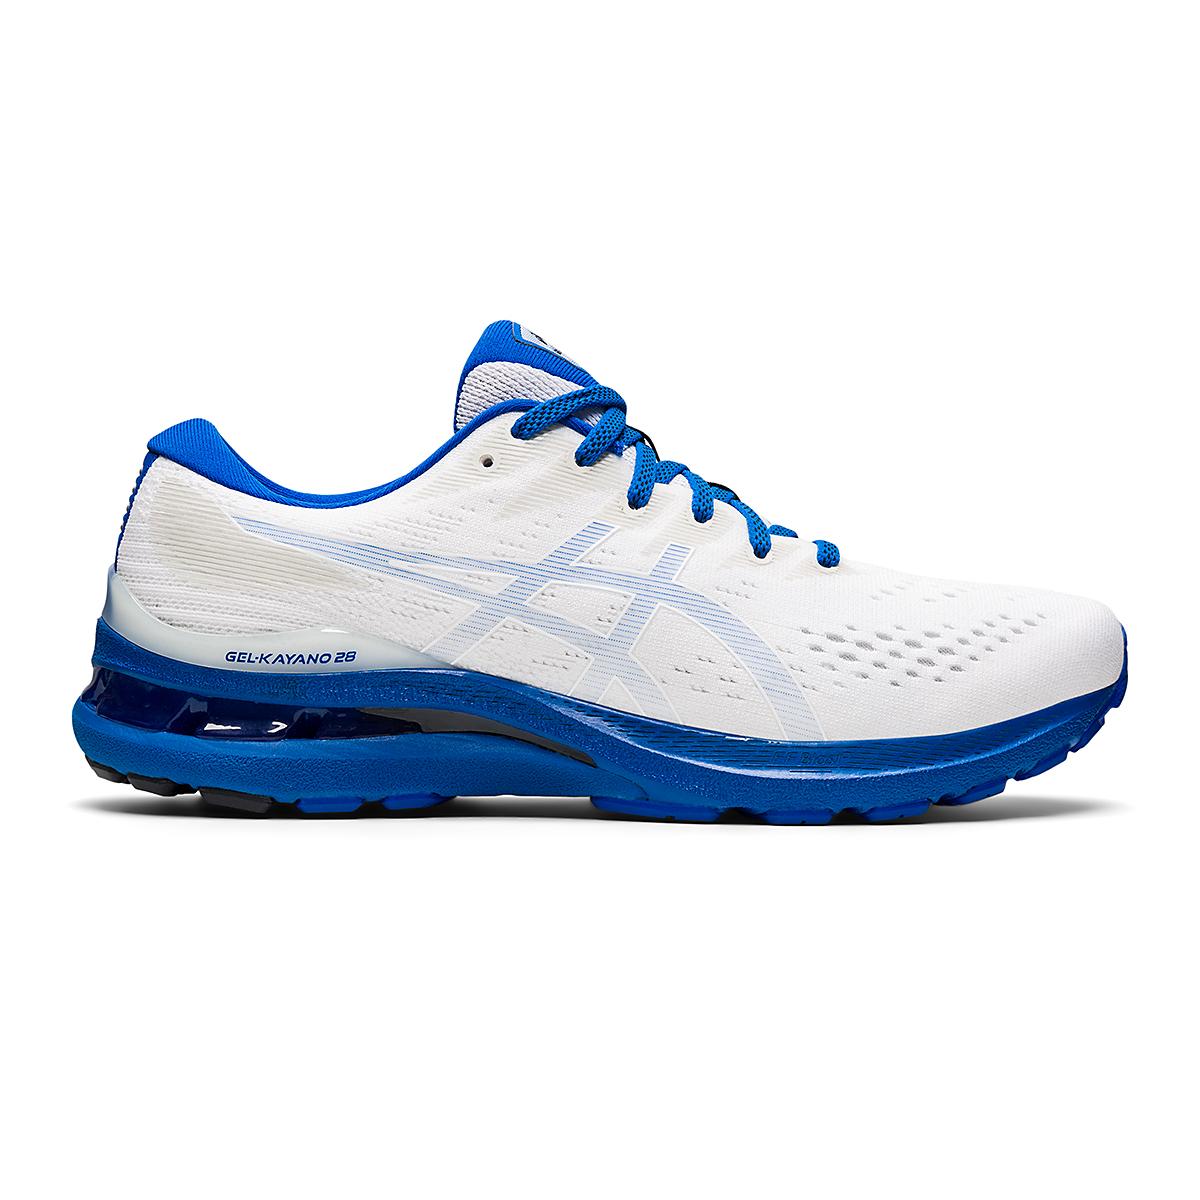 Men's Asics Gel-Kayano 28 Running Shoe, , large, image 1